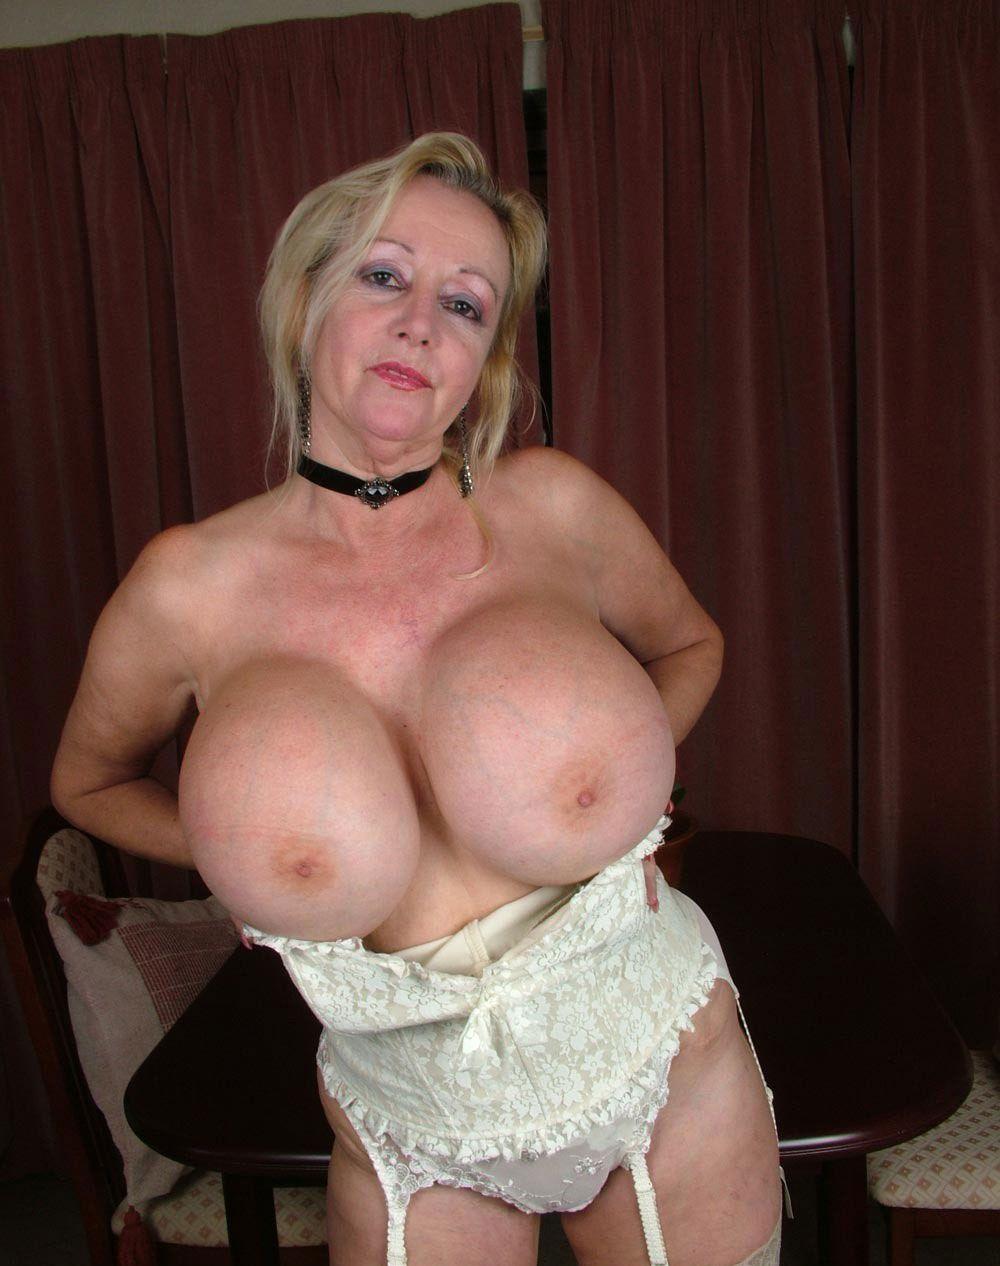 big-boobed-granny-lick-mature-woman